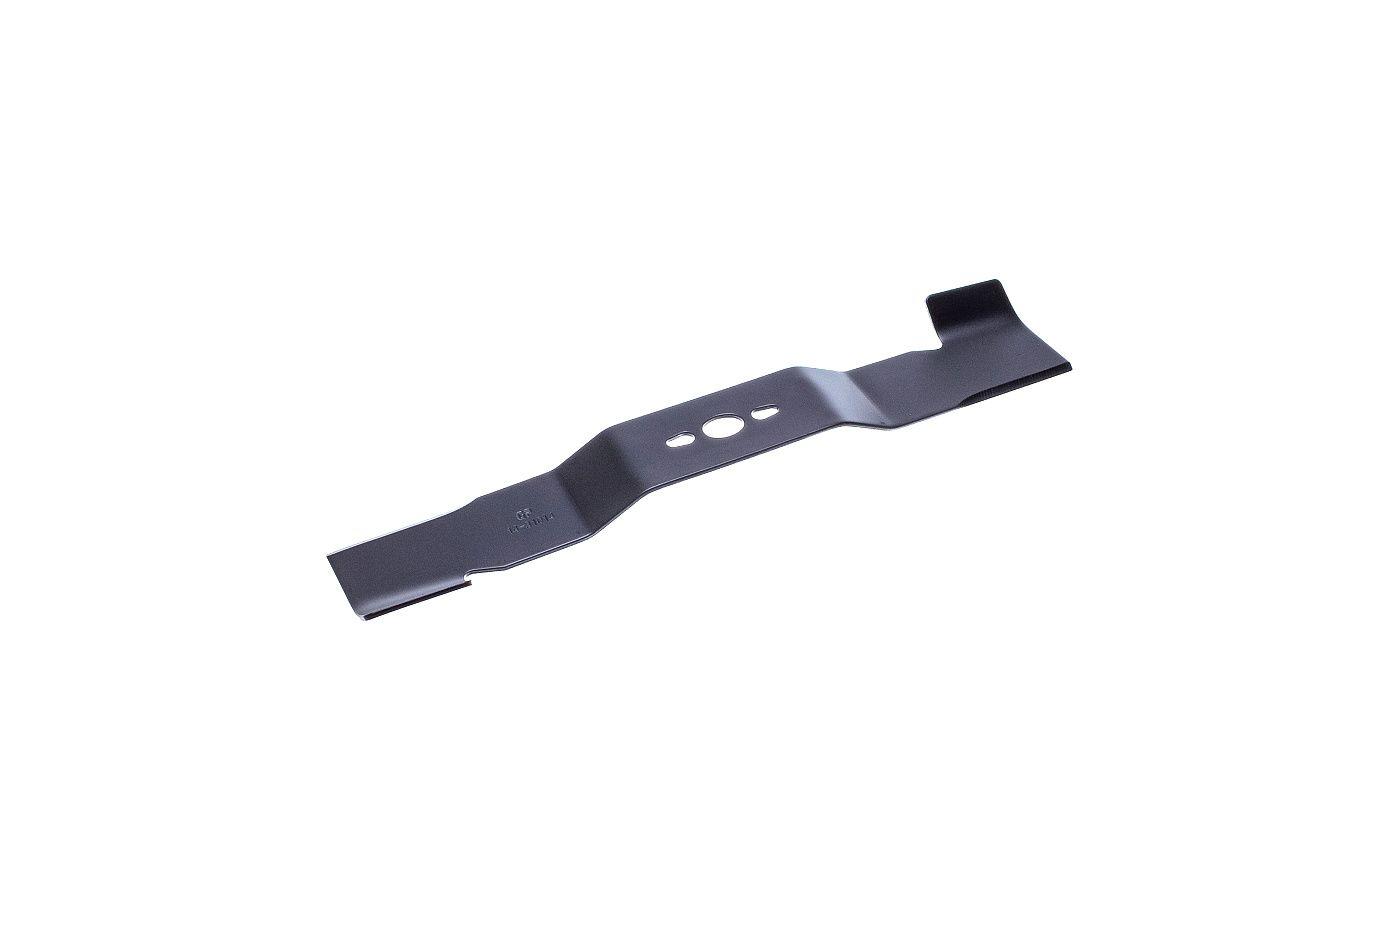 Nôž motorových kosačiek 46cm NAC RYOBI RLM46 so zberom - 5131027797